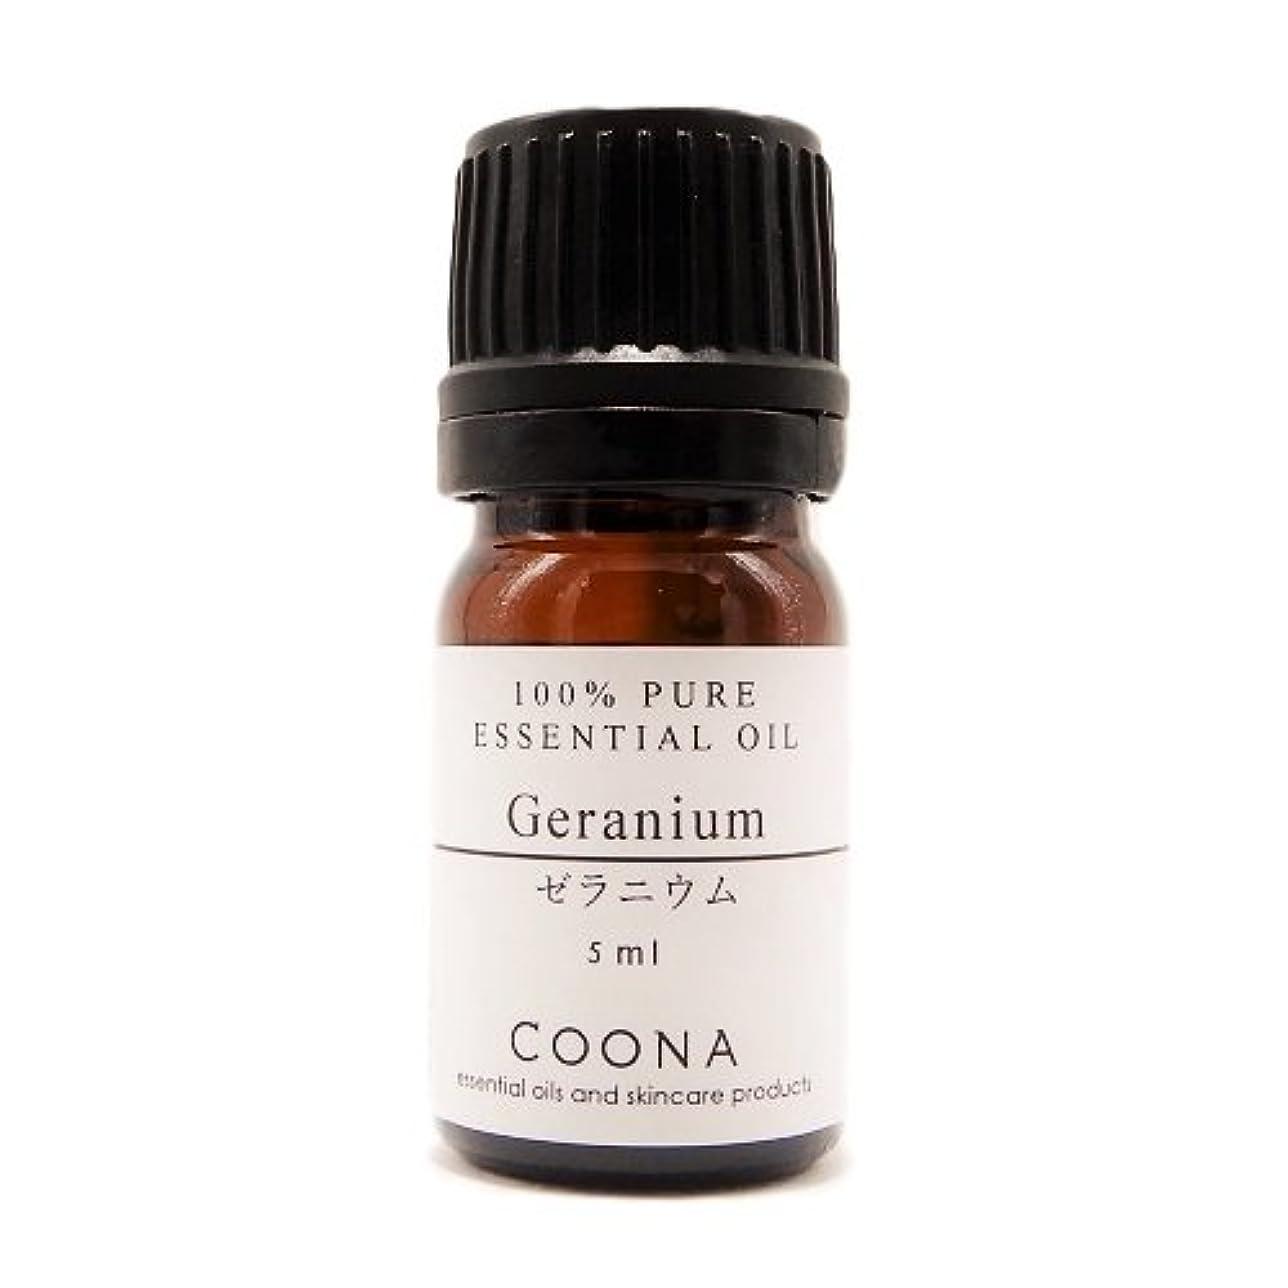 永遠のホームレスうめきゼラニウム 5ml (COONA エッセンシャルオイル アロマオイル 100%天然植物精油)